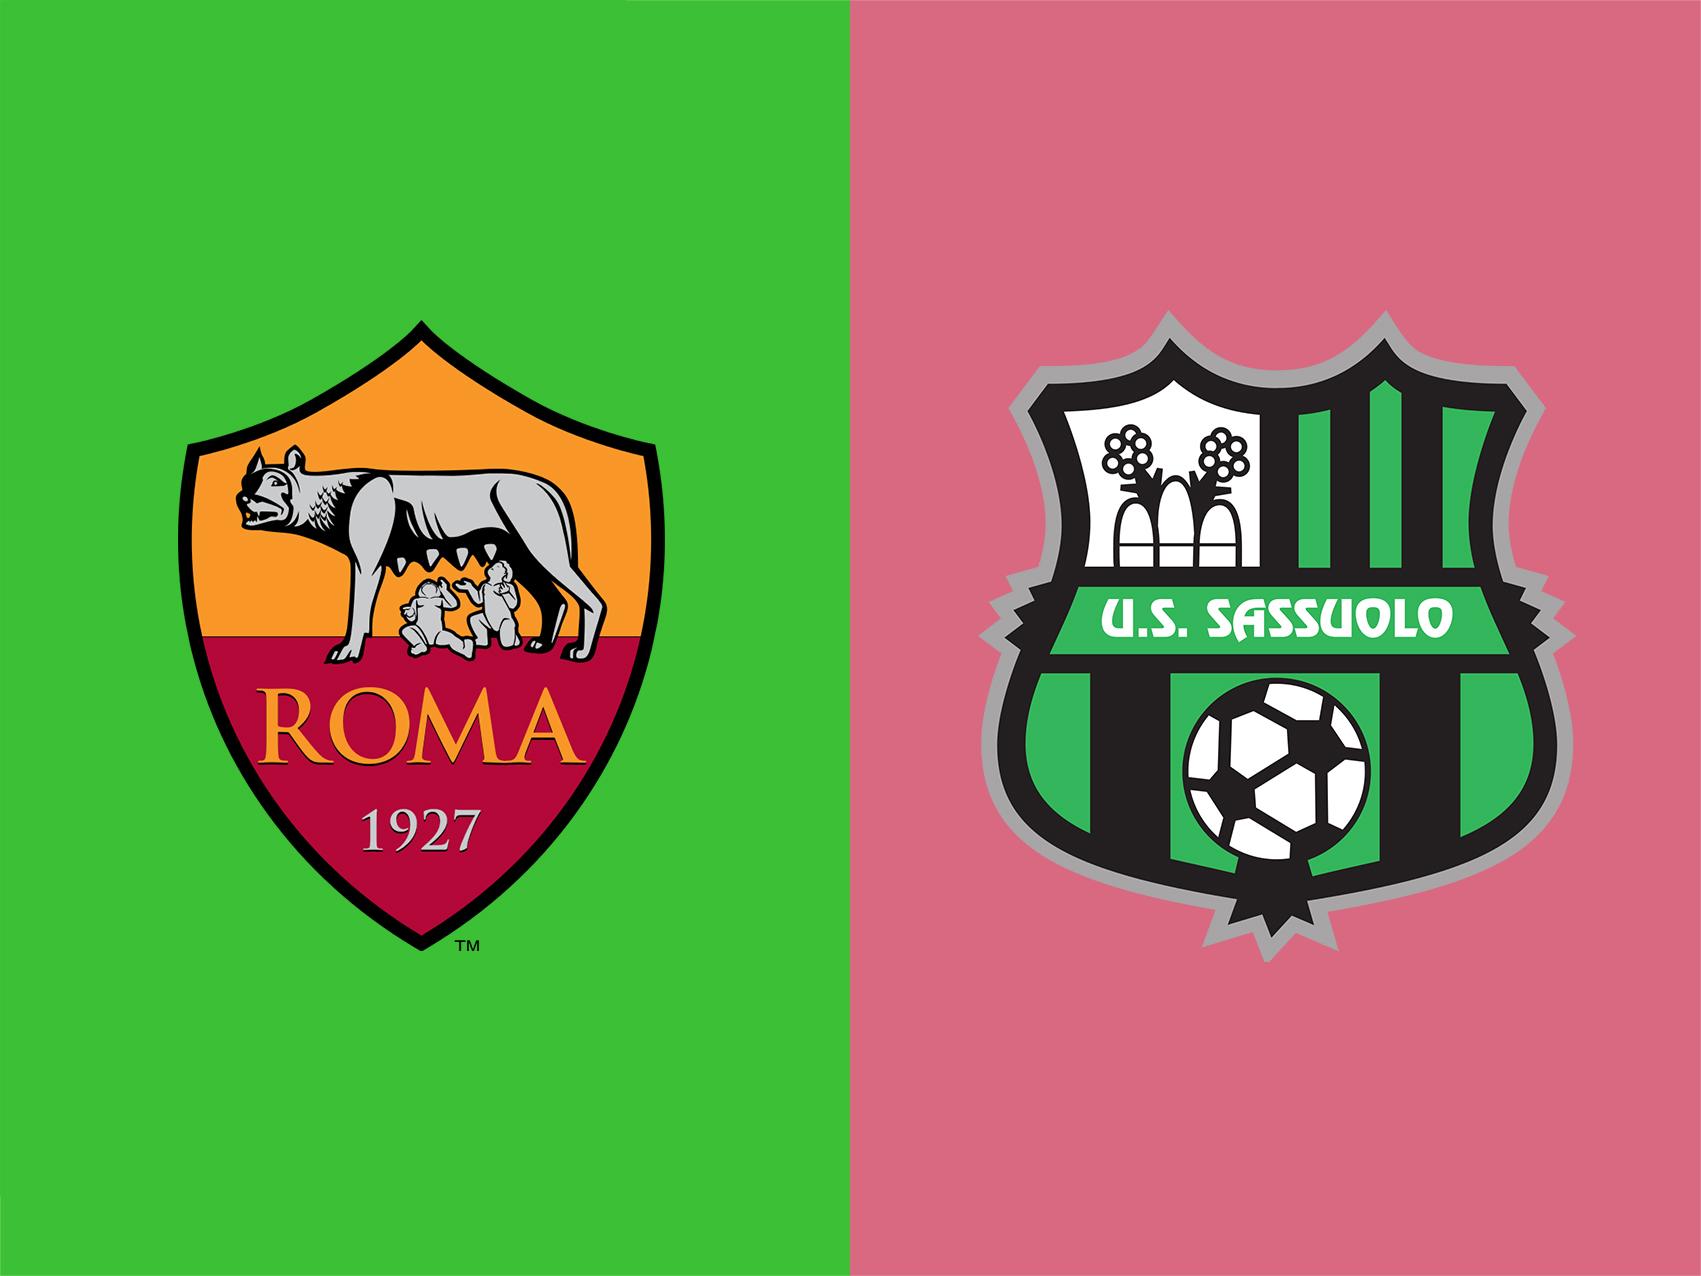 soi-keo-ca-cuoc-bong-da-ngay-14-9-AS Roma-vs-Sassuolo-do-it-thang-do-nhieu-b9